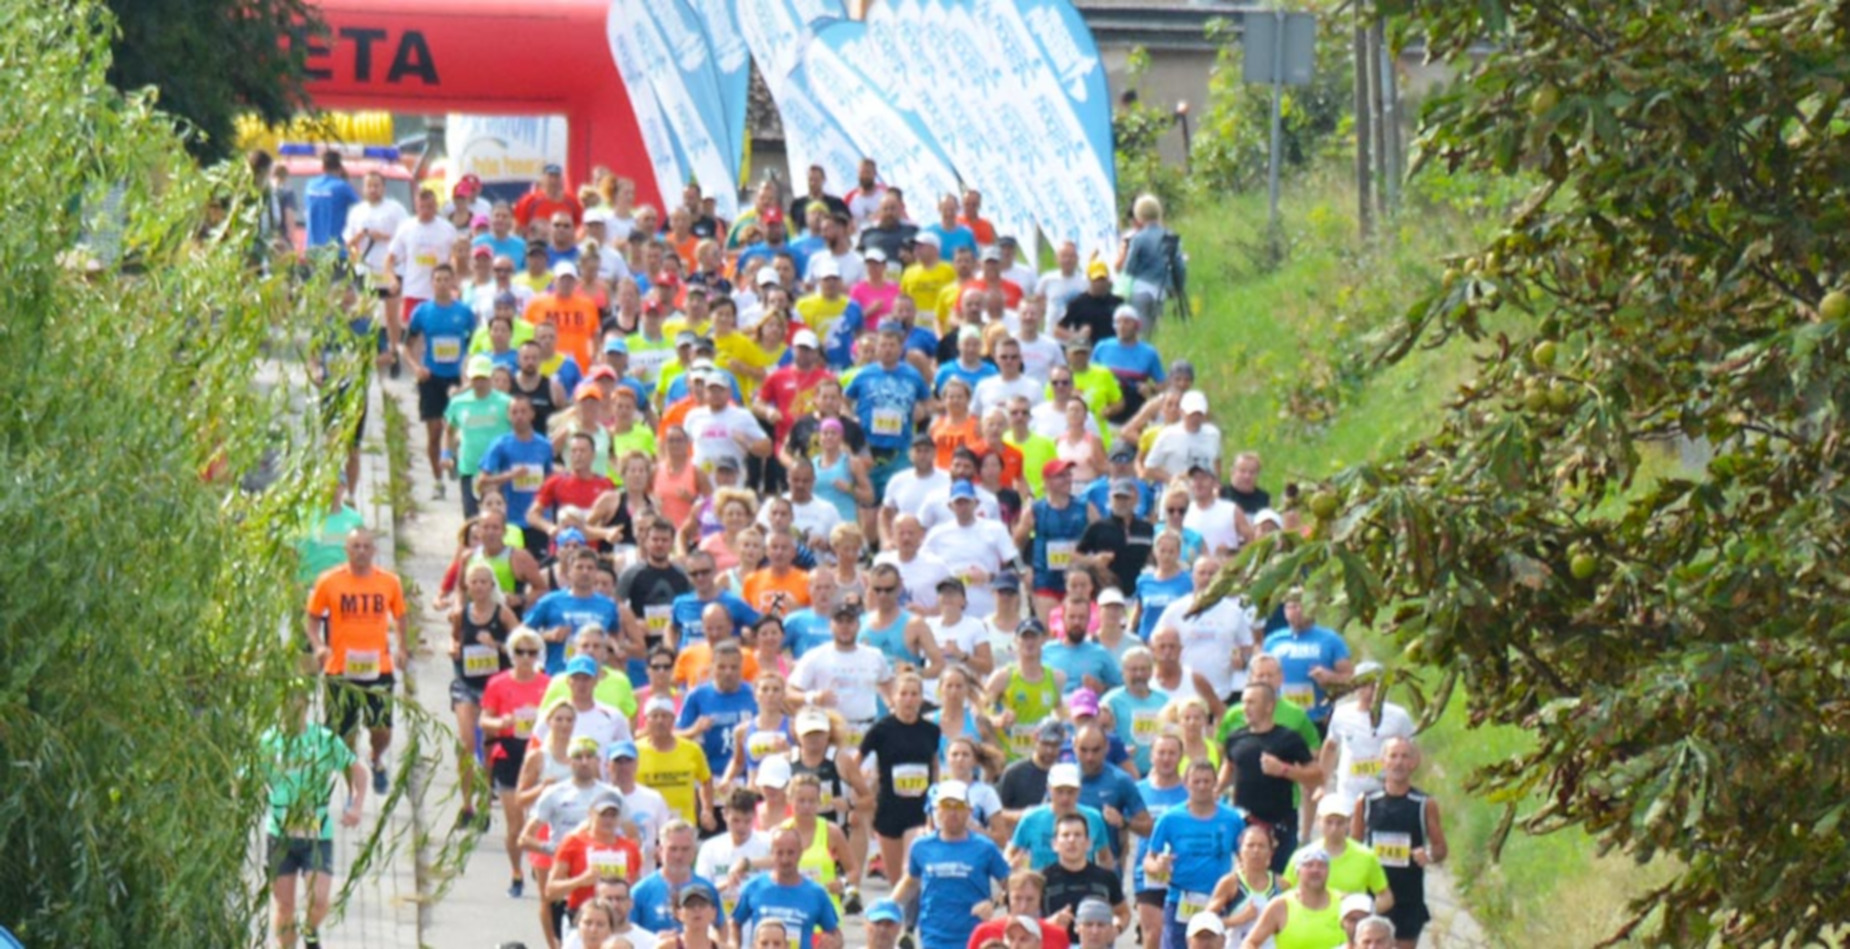 Kolejna odsłona największej imprezy biegowej w północnej Polsce. Kaszuby Biegają tym razem w Szemudzie